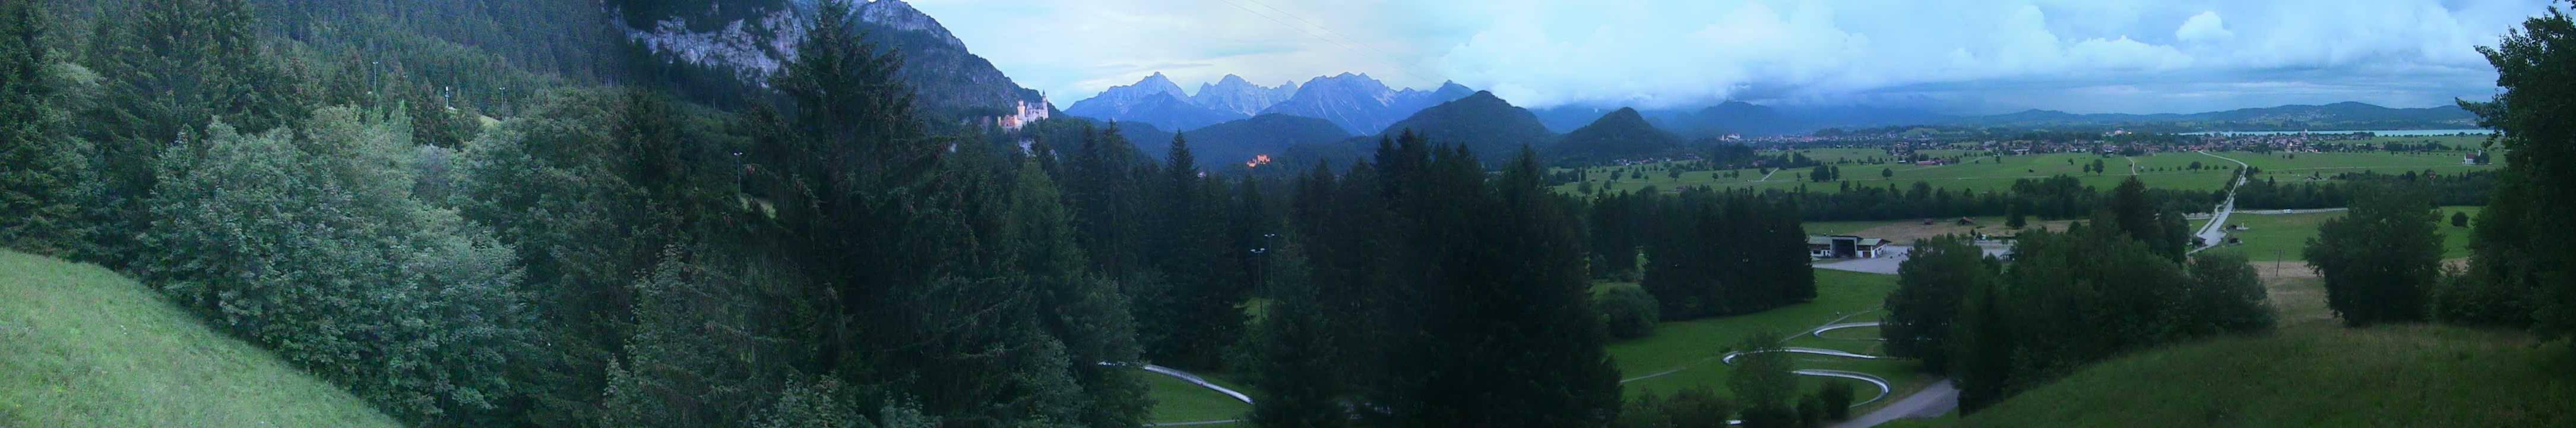 HD Panoramawebcam Bergstation der Hörnleschwebebahn Bad Kohlgrub, Blick auf Hörnle, Staffelsee, Bad Kohlgrub, Daniel, Zugspitze und Wettersteingebirge